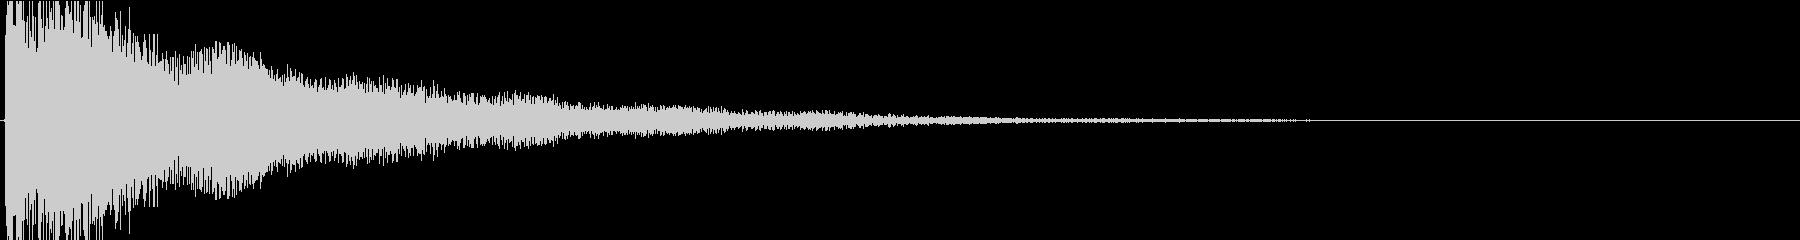 ボヨヨン(コミカルな衝突音)の未再生の波形